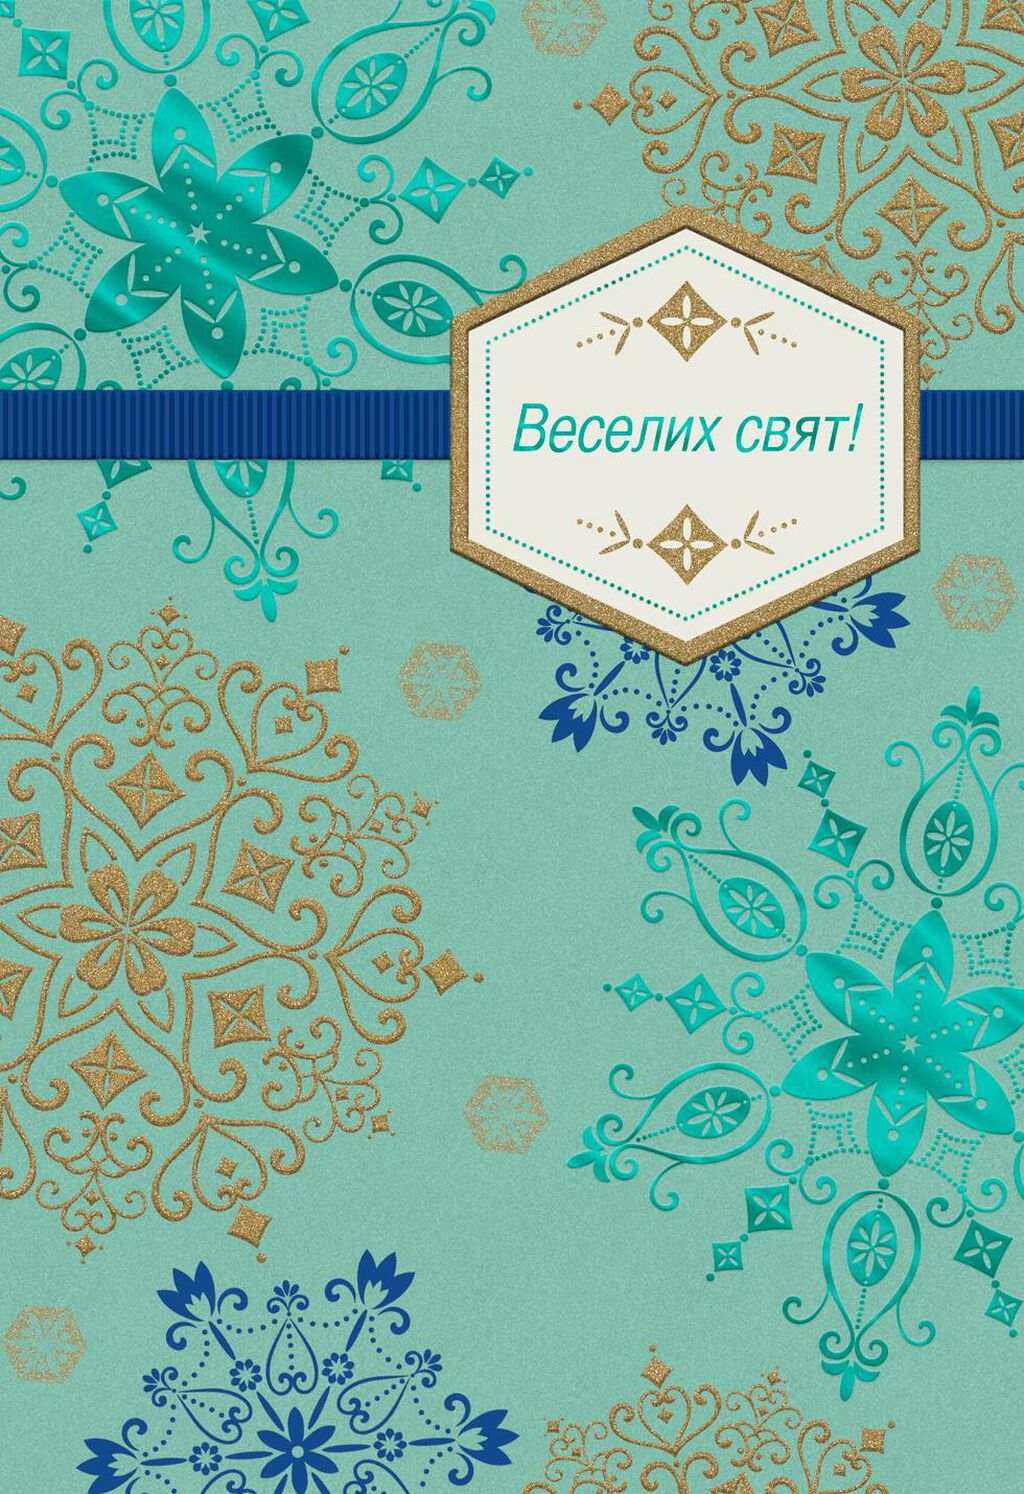 Blue Snowflakes Ukrainian Language Christmas Card Greeting Cards